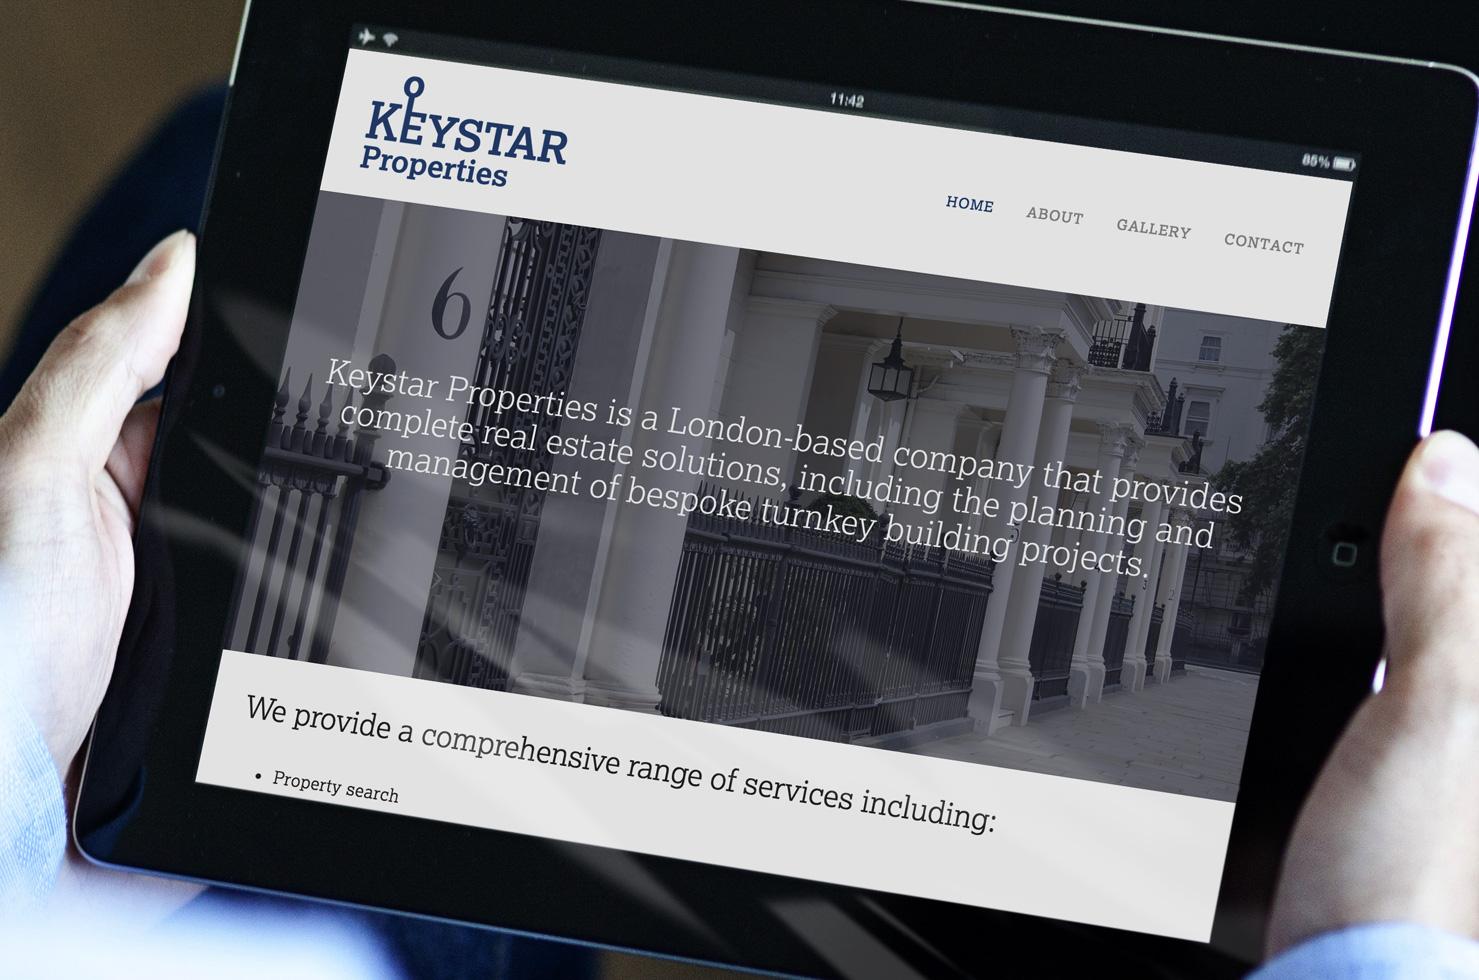 Keystar Properties website